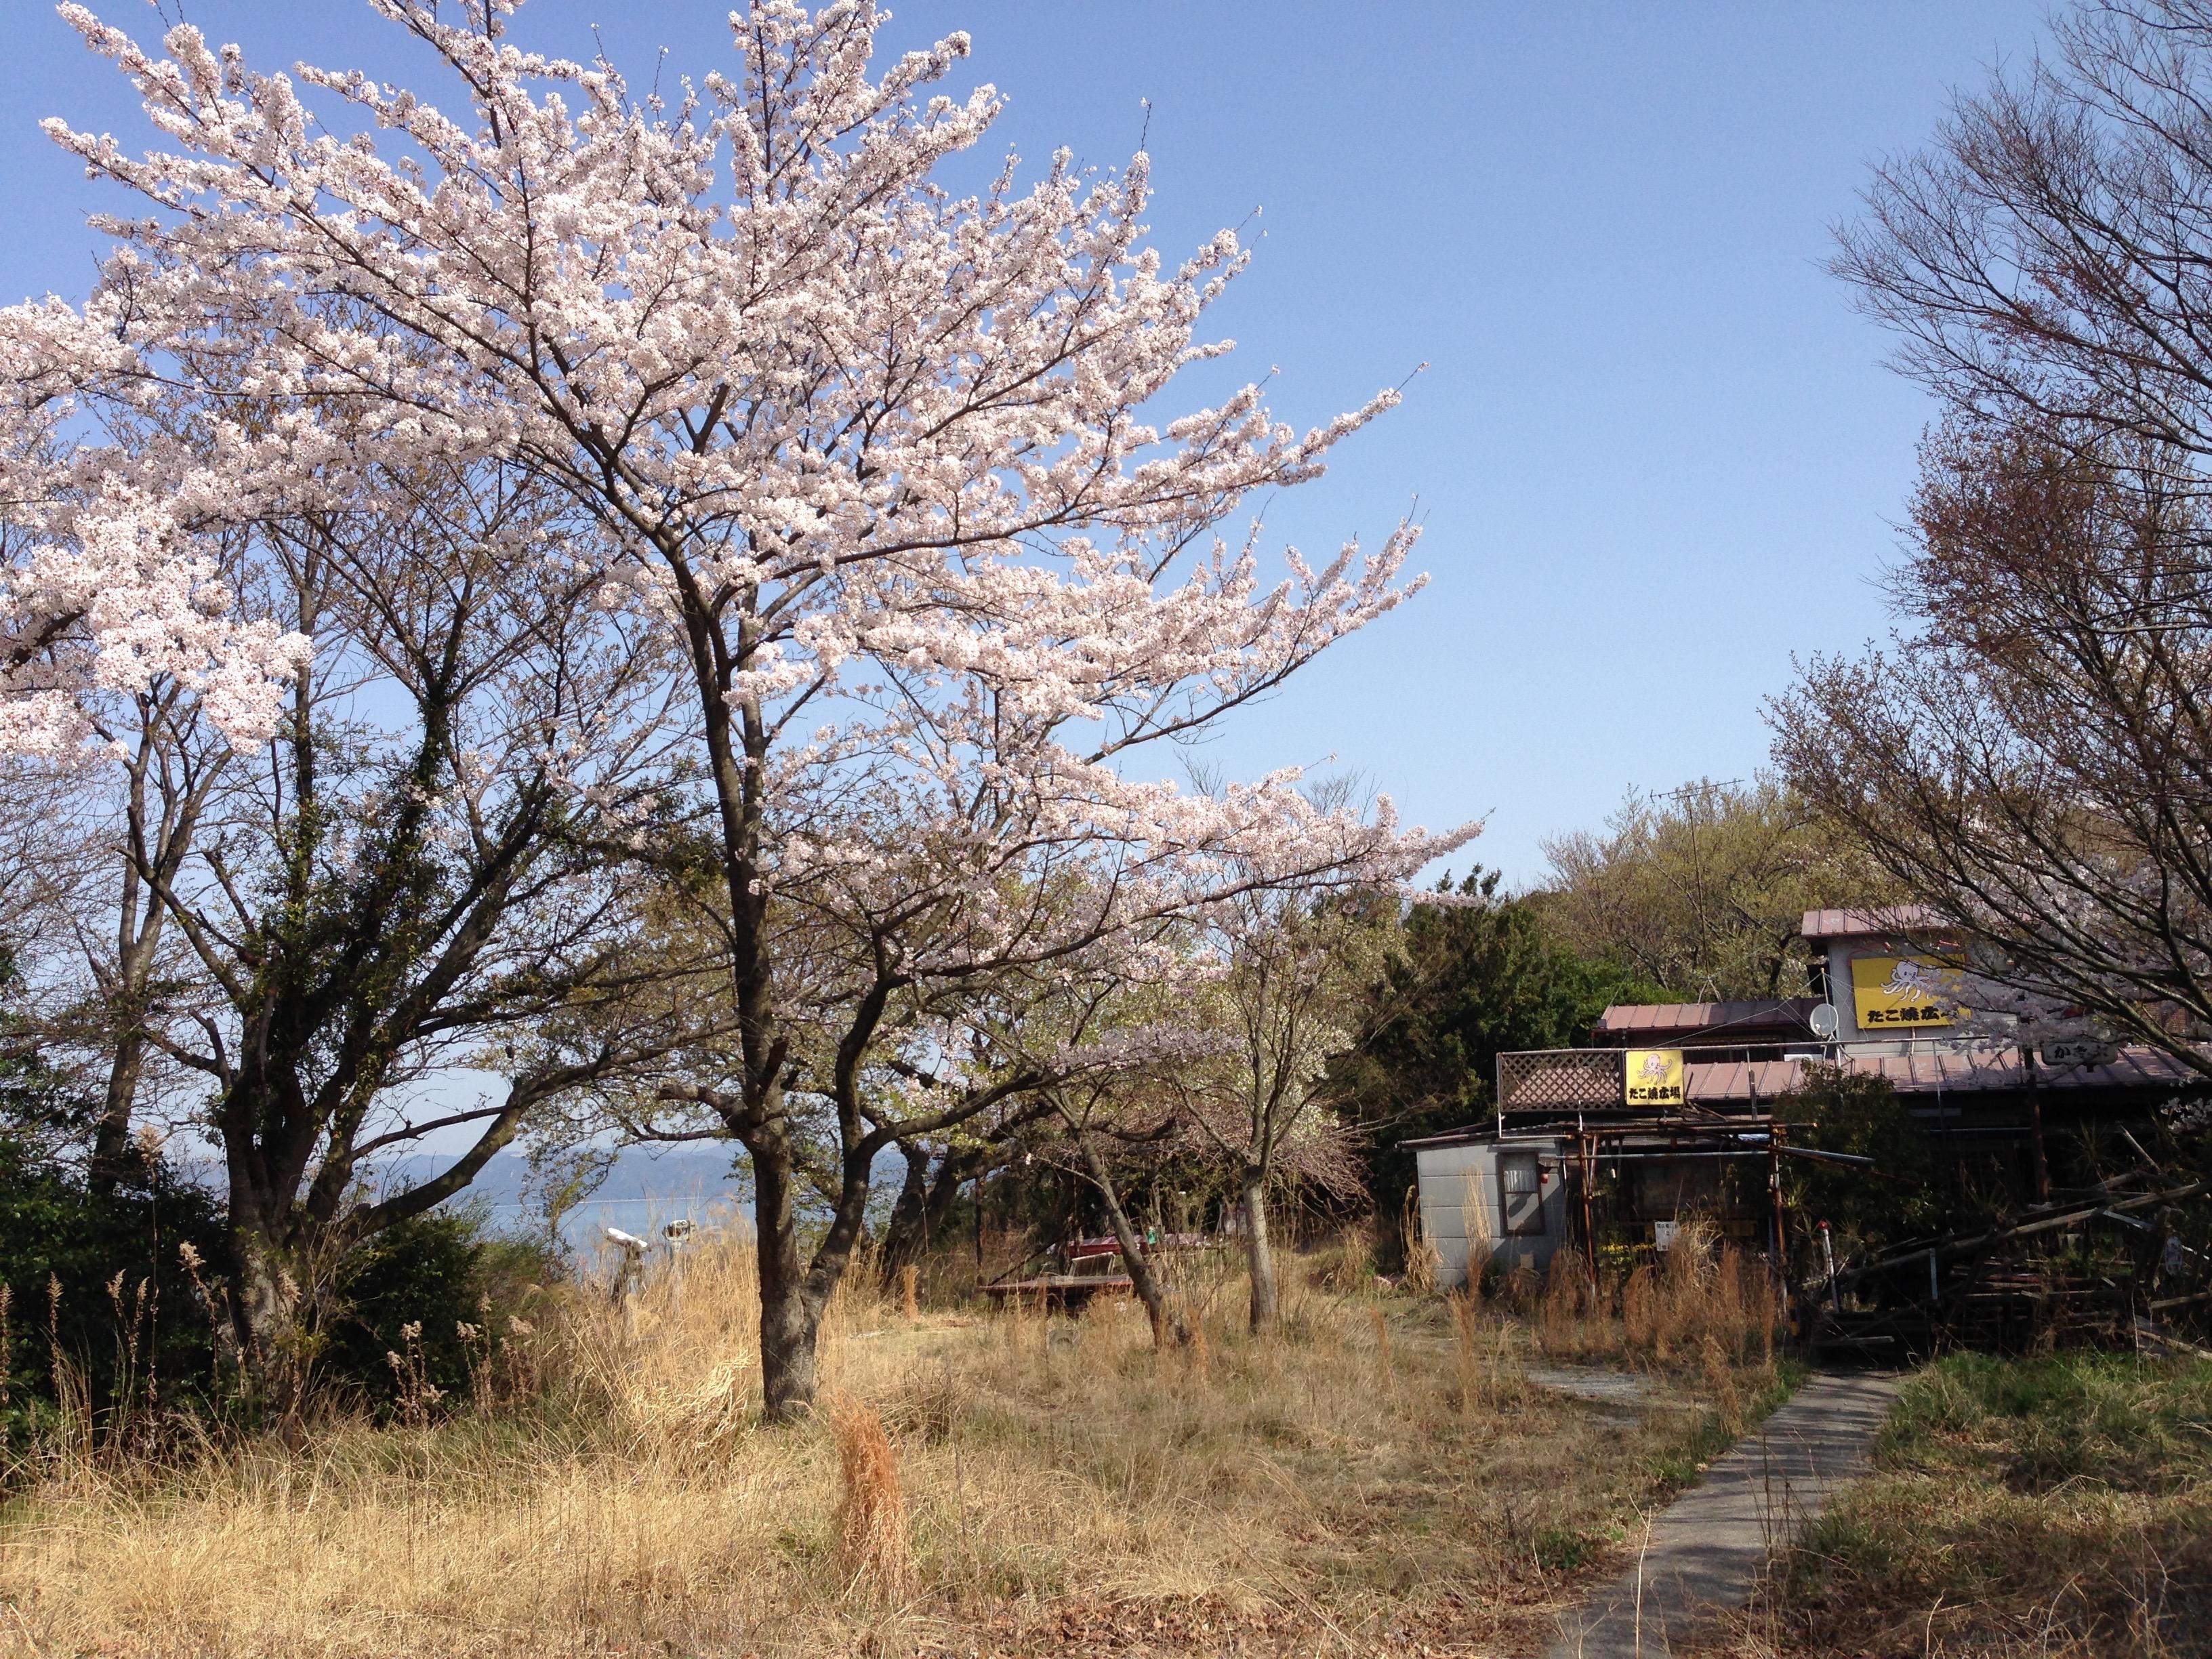 http://kozaisoft.com/blog/2018/03/31/IMG_2894.jpg